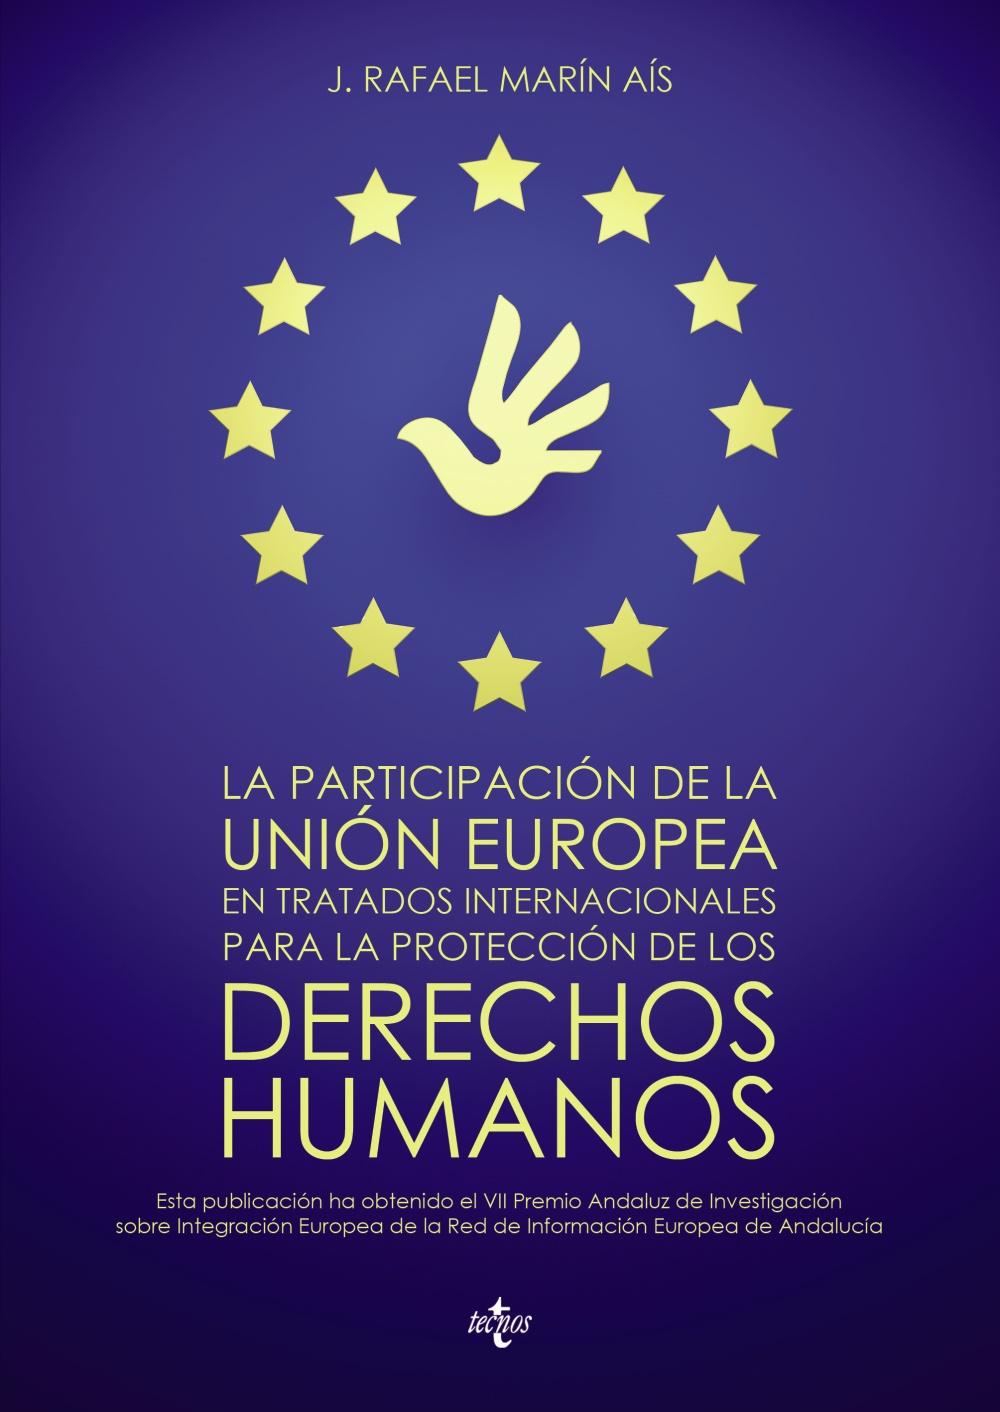 La participación de la Unión Europea en tratados internacionales para la protección de los derechos humanos